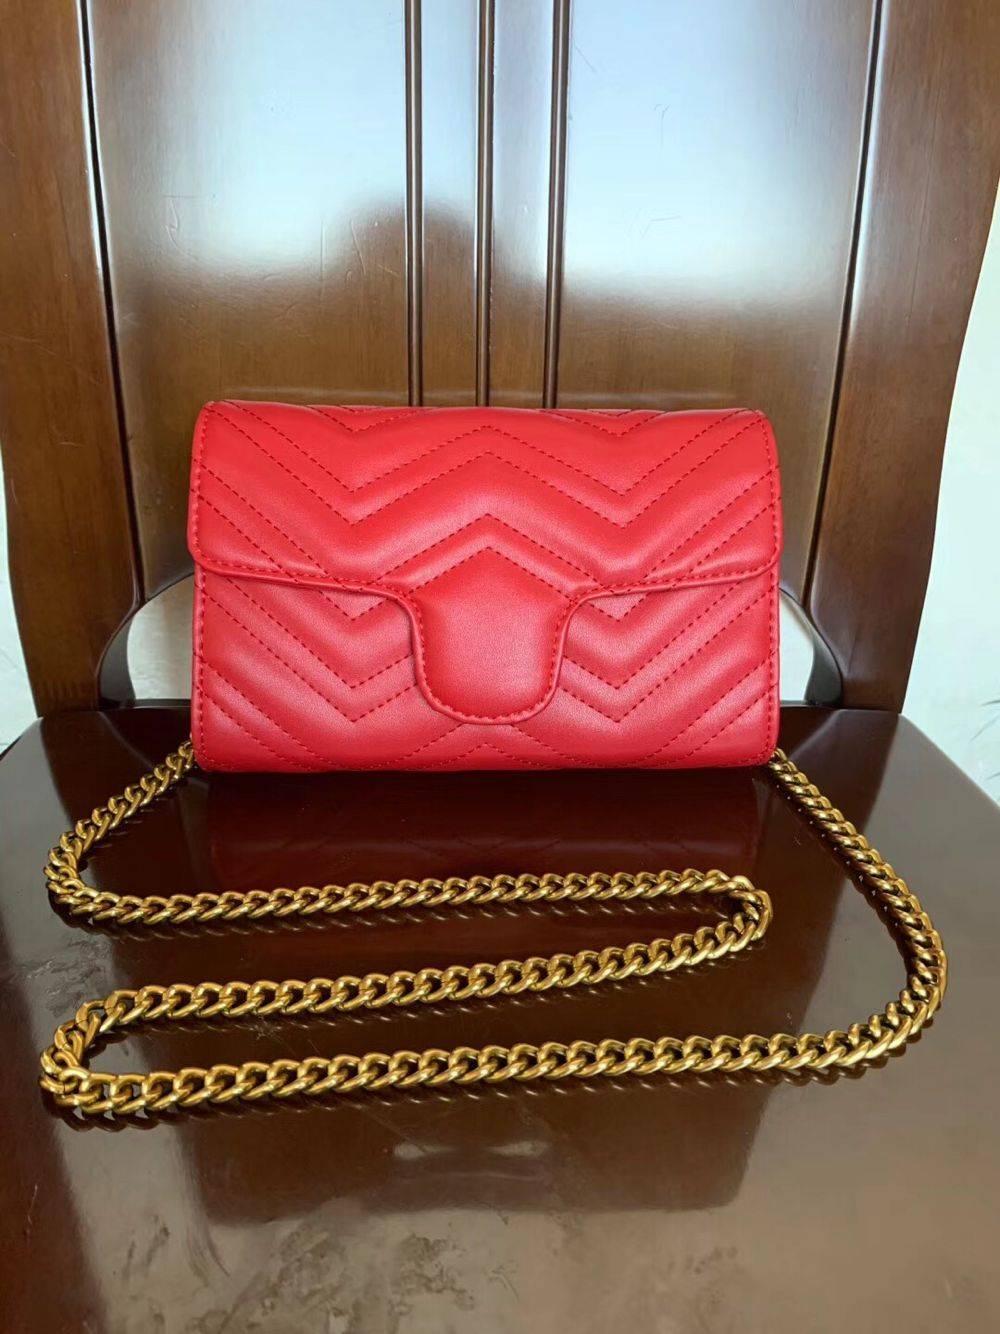 حار بيع 2020Marmont حقائب الكتف المرأة سلسلة CROSSBODY حقيبة اليد الشهيرة مصمم الكتف حقيبة أنثى رسالة حقيبة محفظة محفظة wome0389